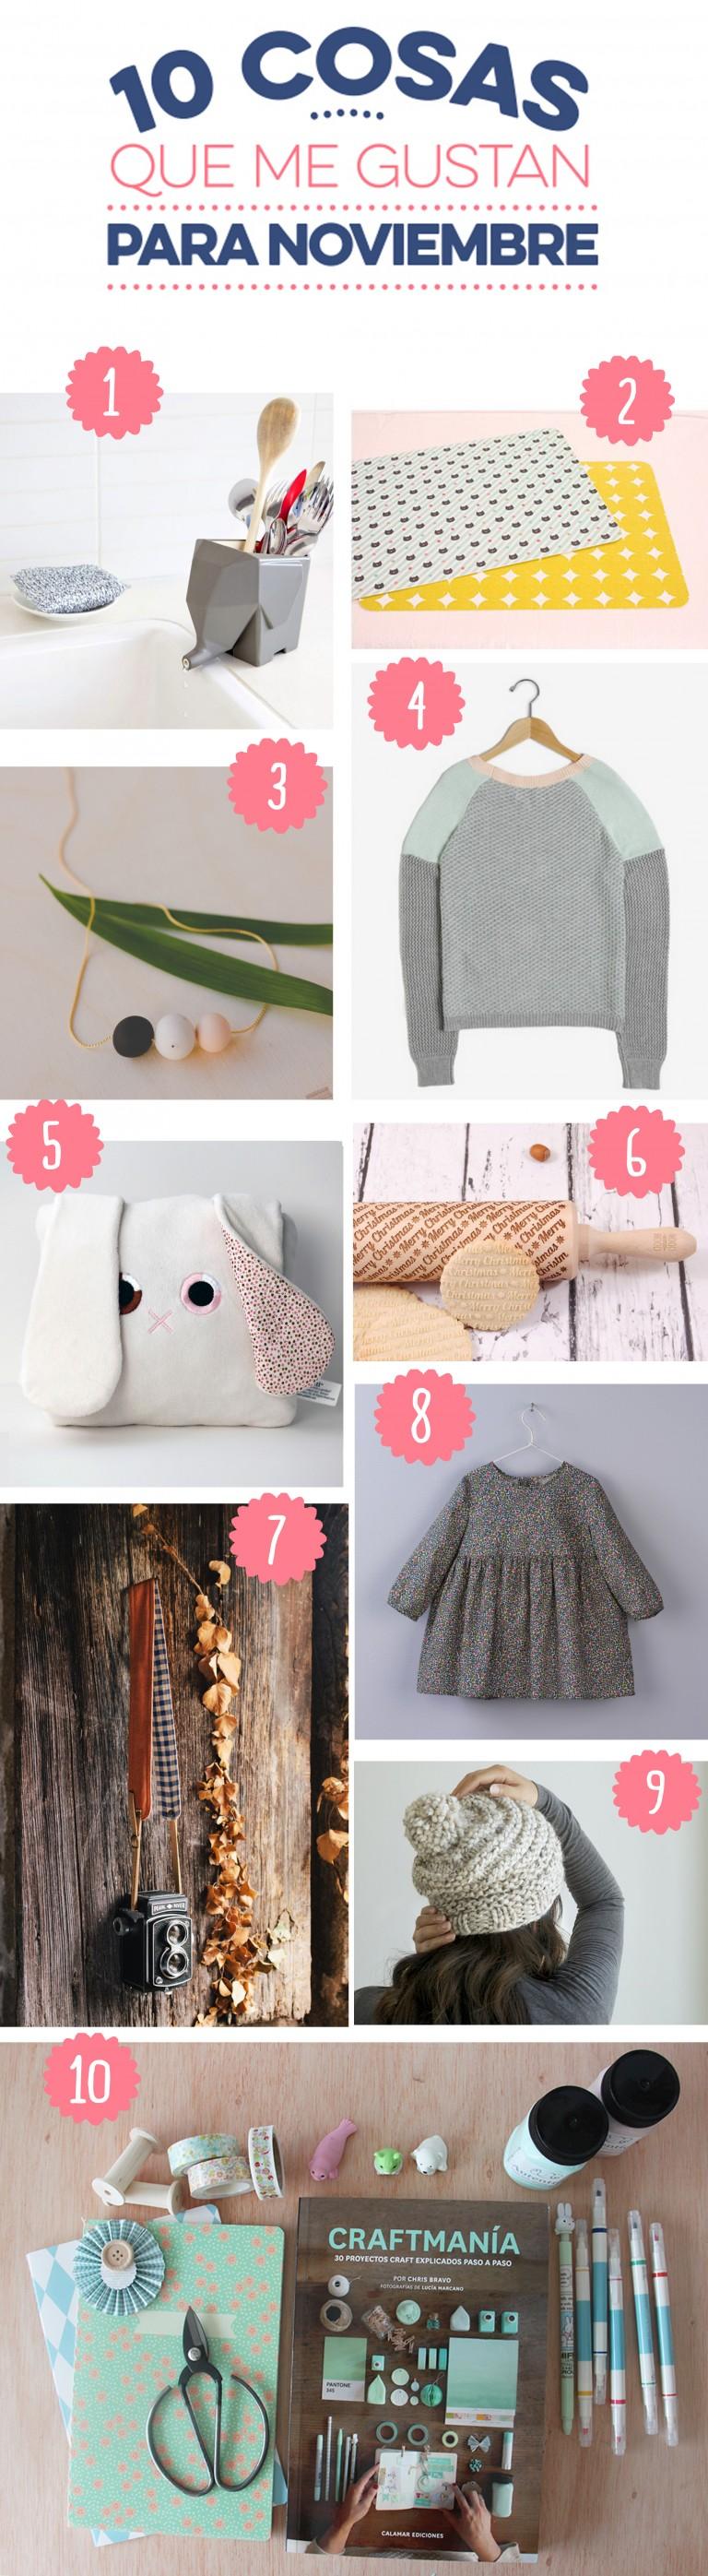 10 cosas que me gustan para noviembre